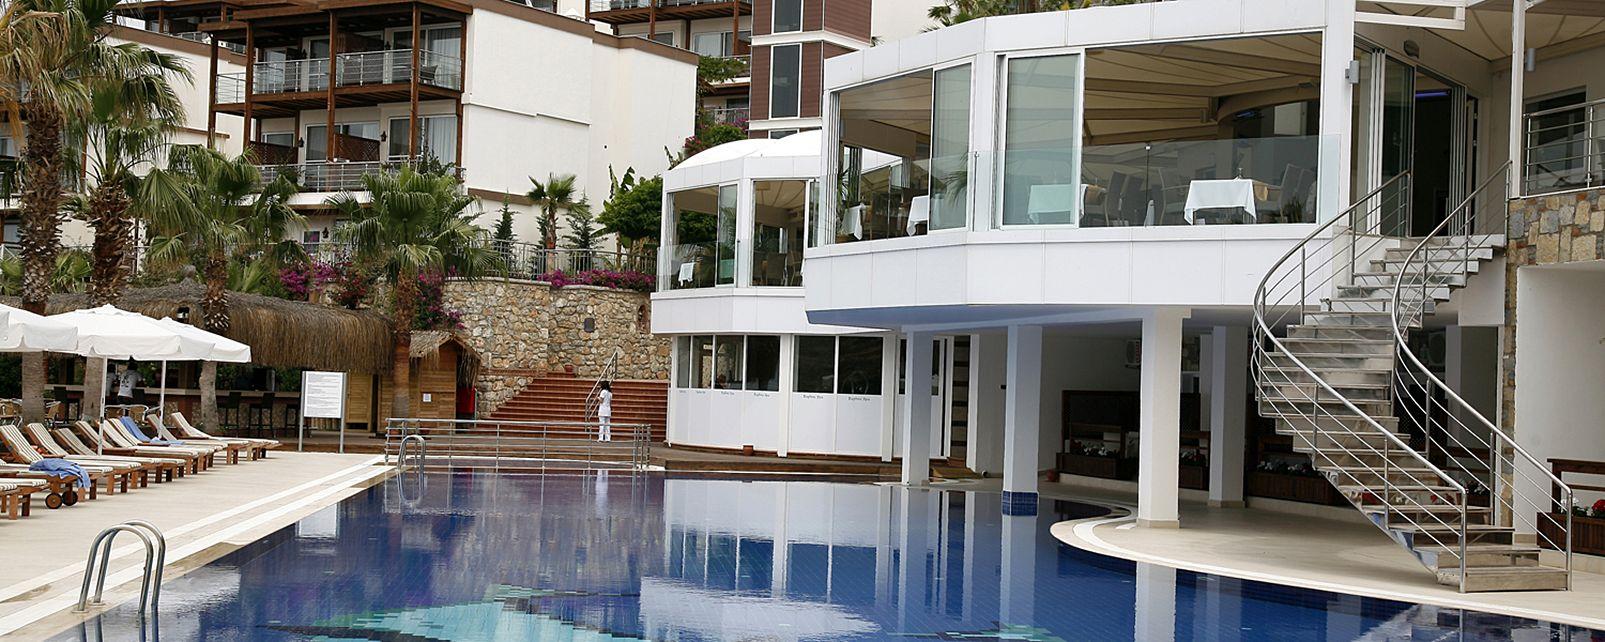 Hôtel Delta Beach Resort